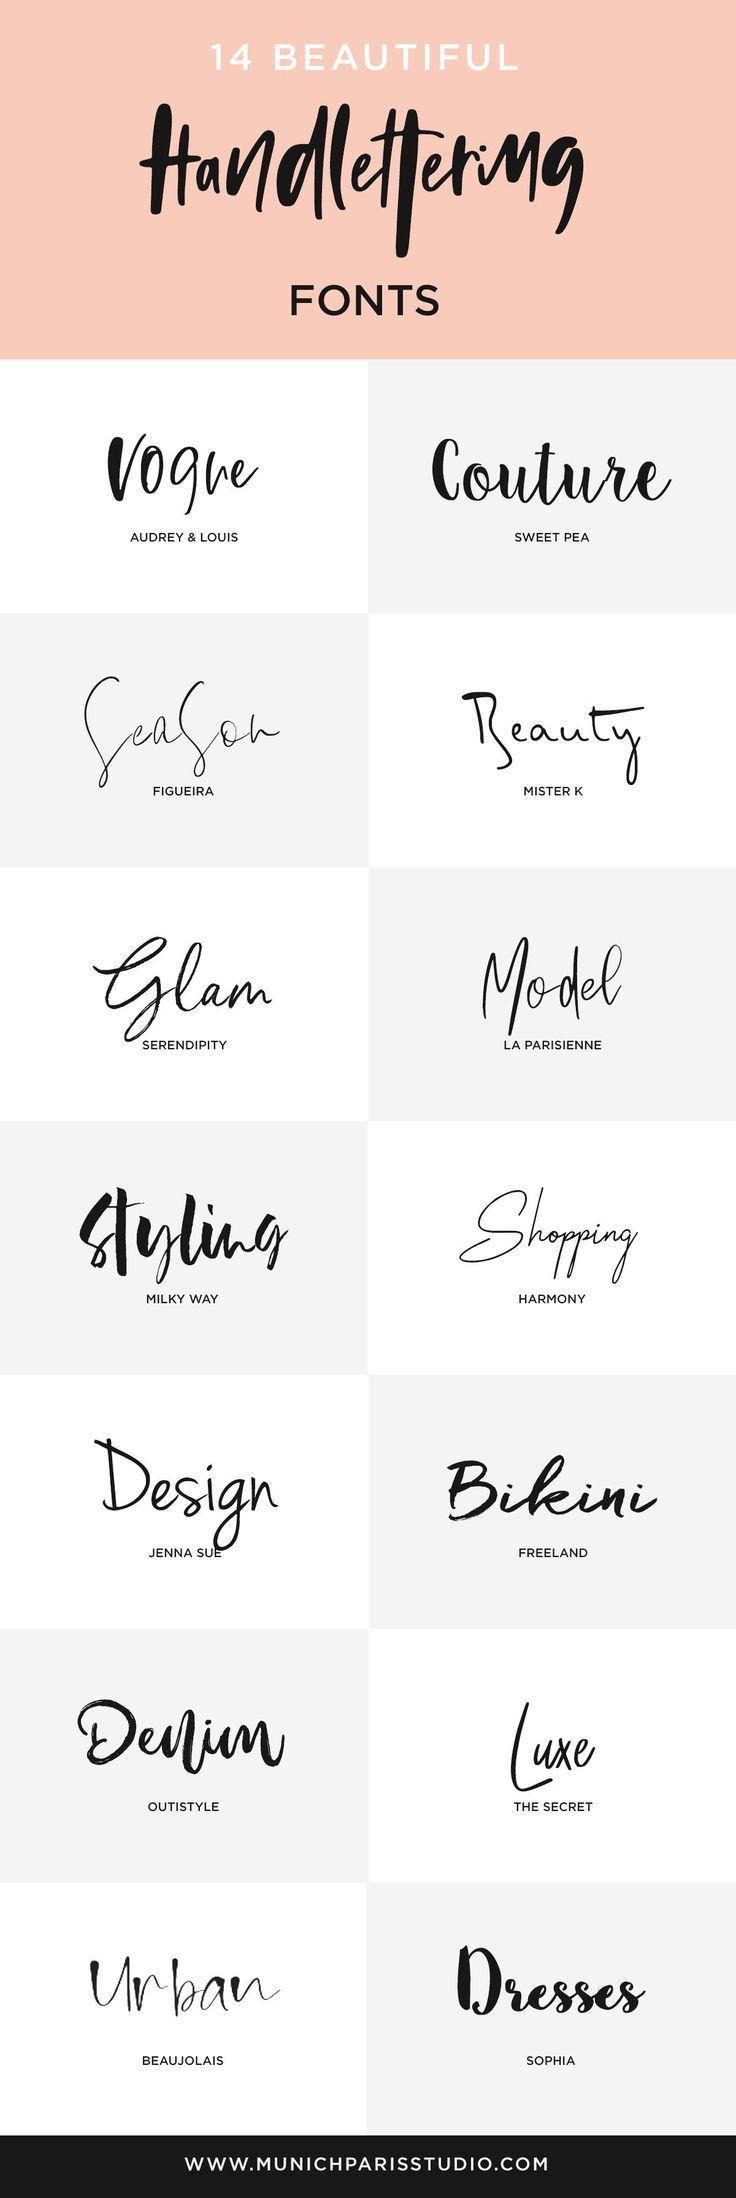 Die 14 schönsten Handschriften Fonts zum Download | MunichParis Studio